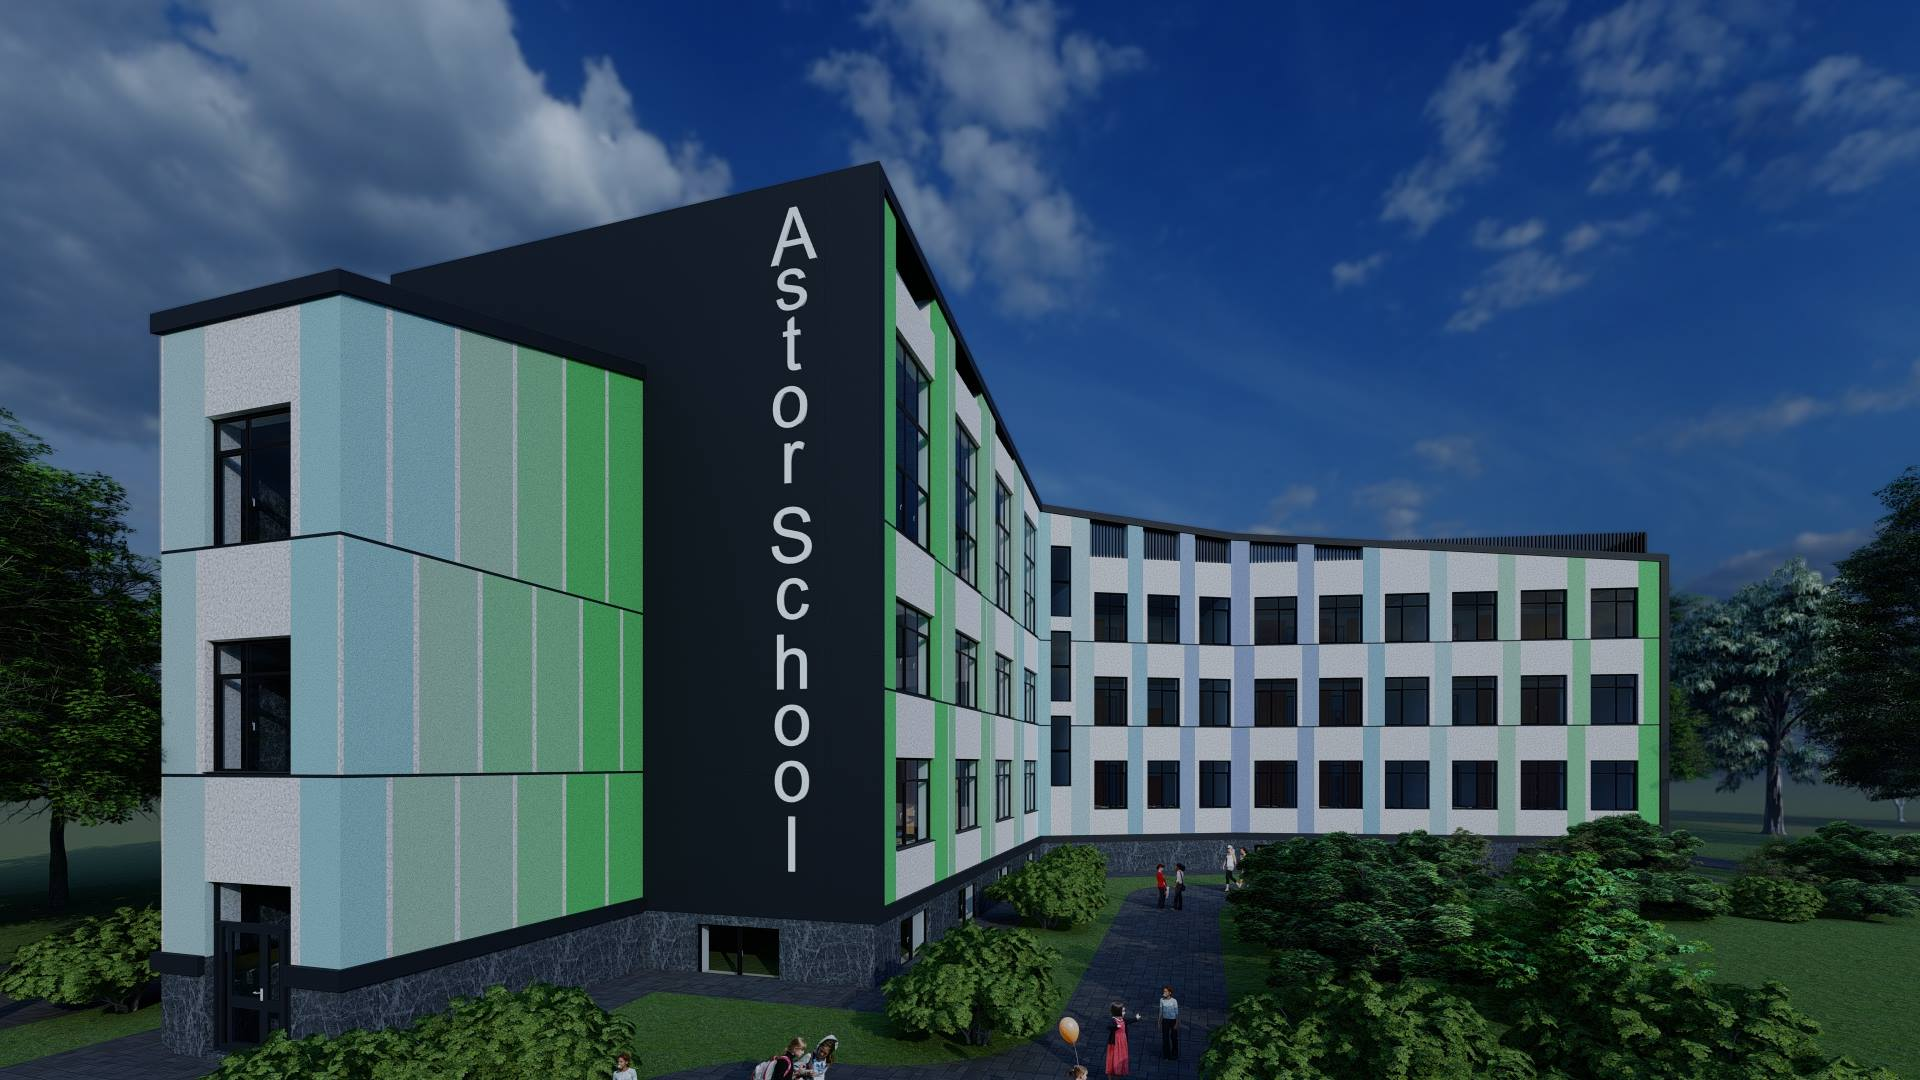 В Івано-Франківську відкривають нову приватну школу Astor School: що про це відомо (ФОТО)